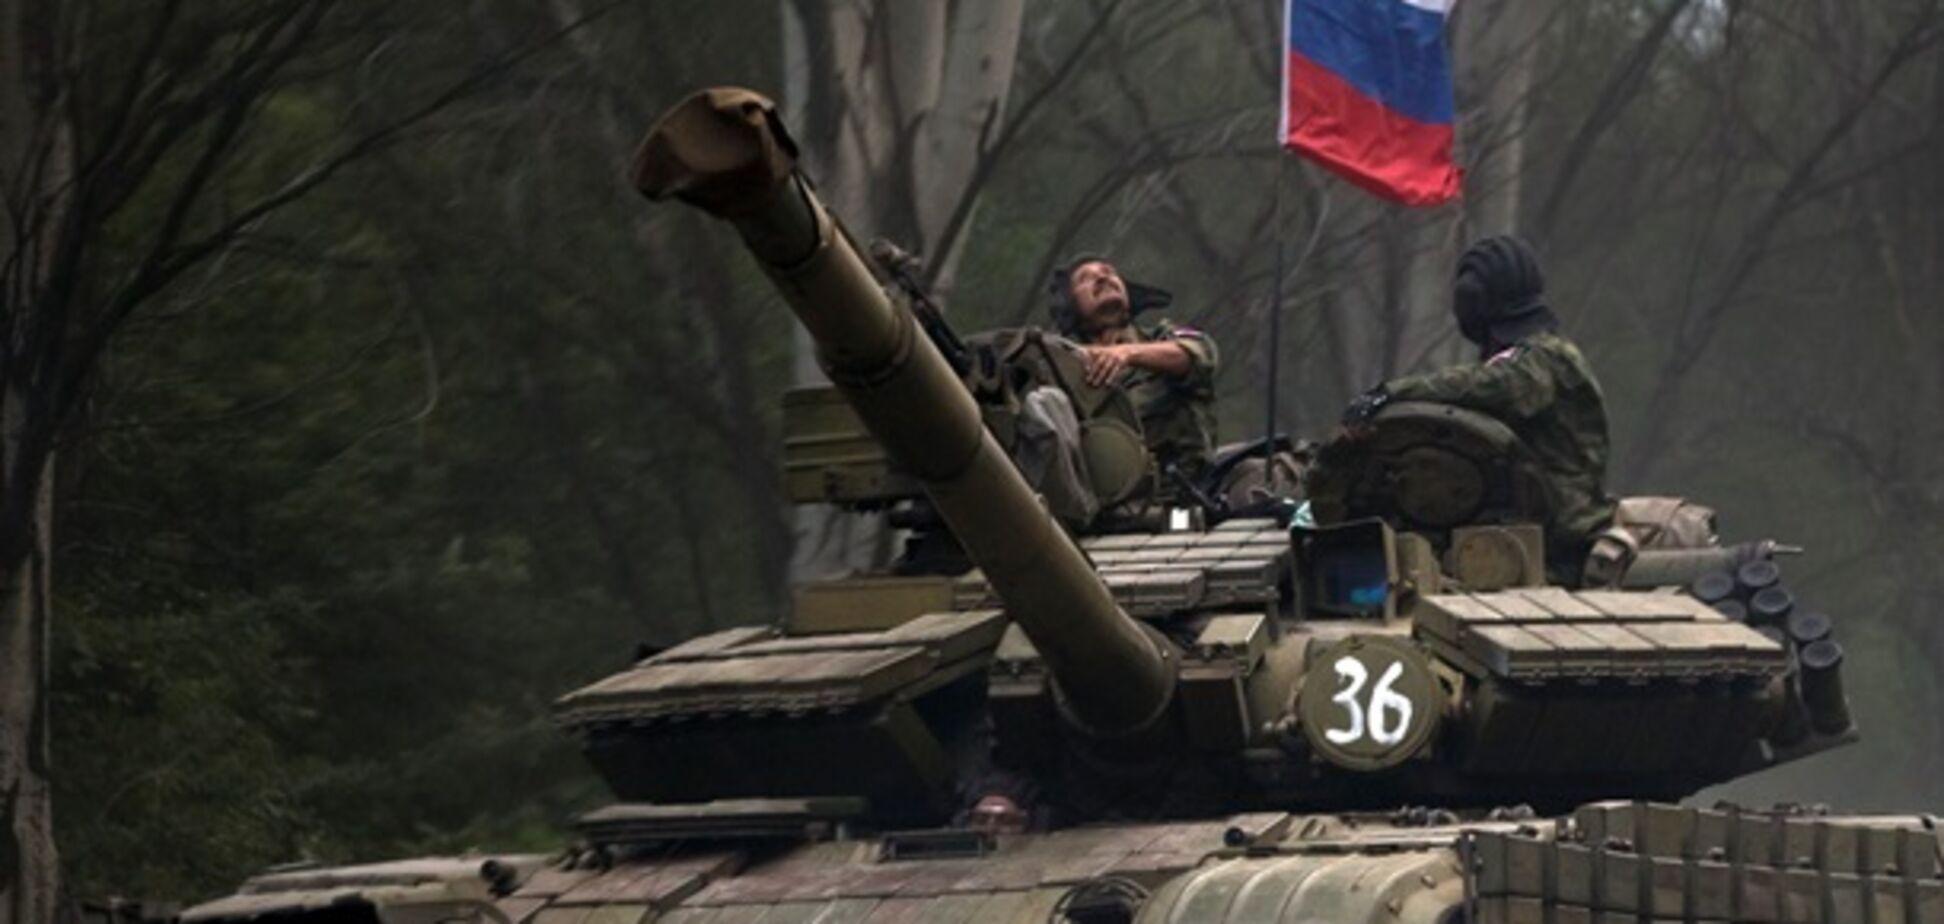 Російська армія біля кордонів України: генерал назвав цілі Путіна